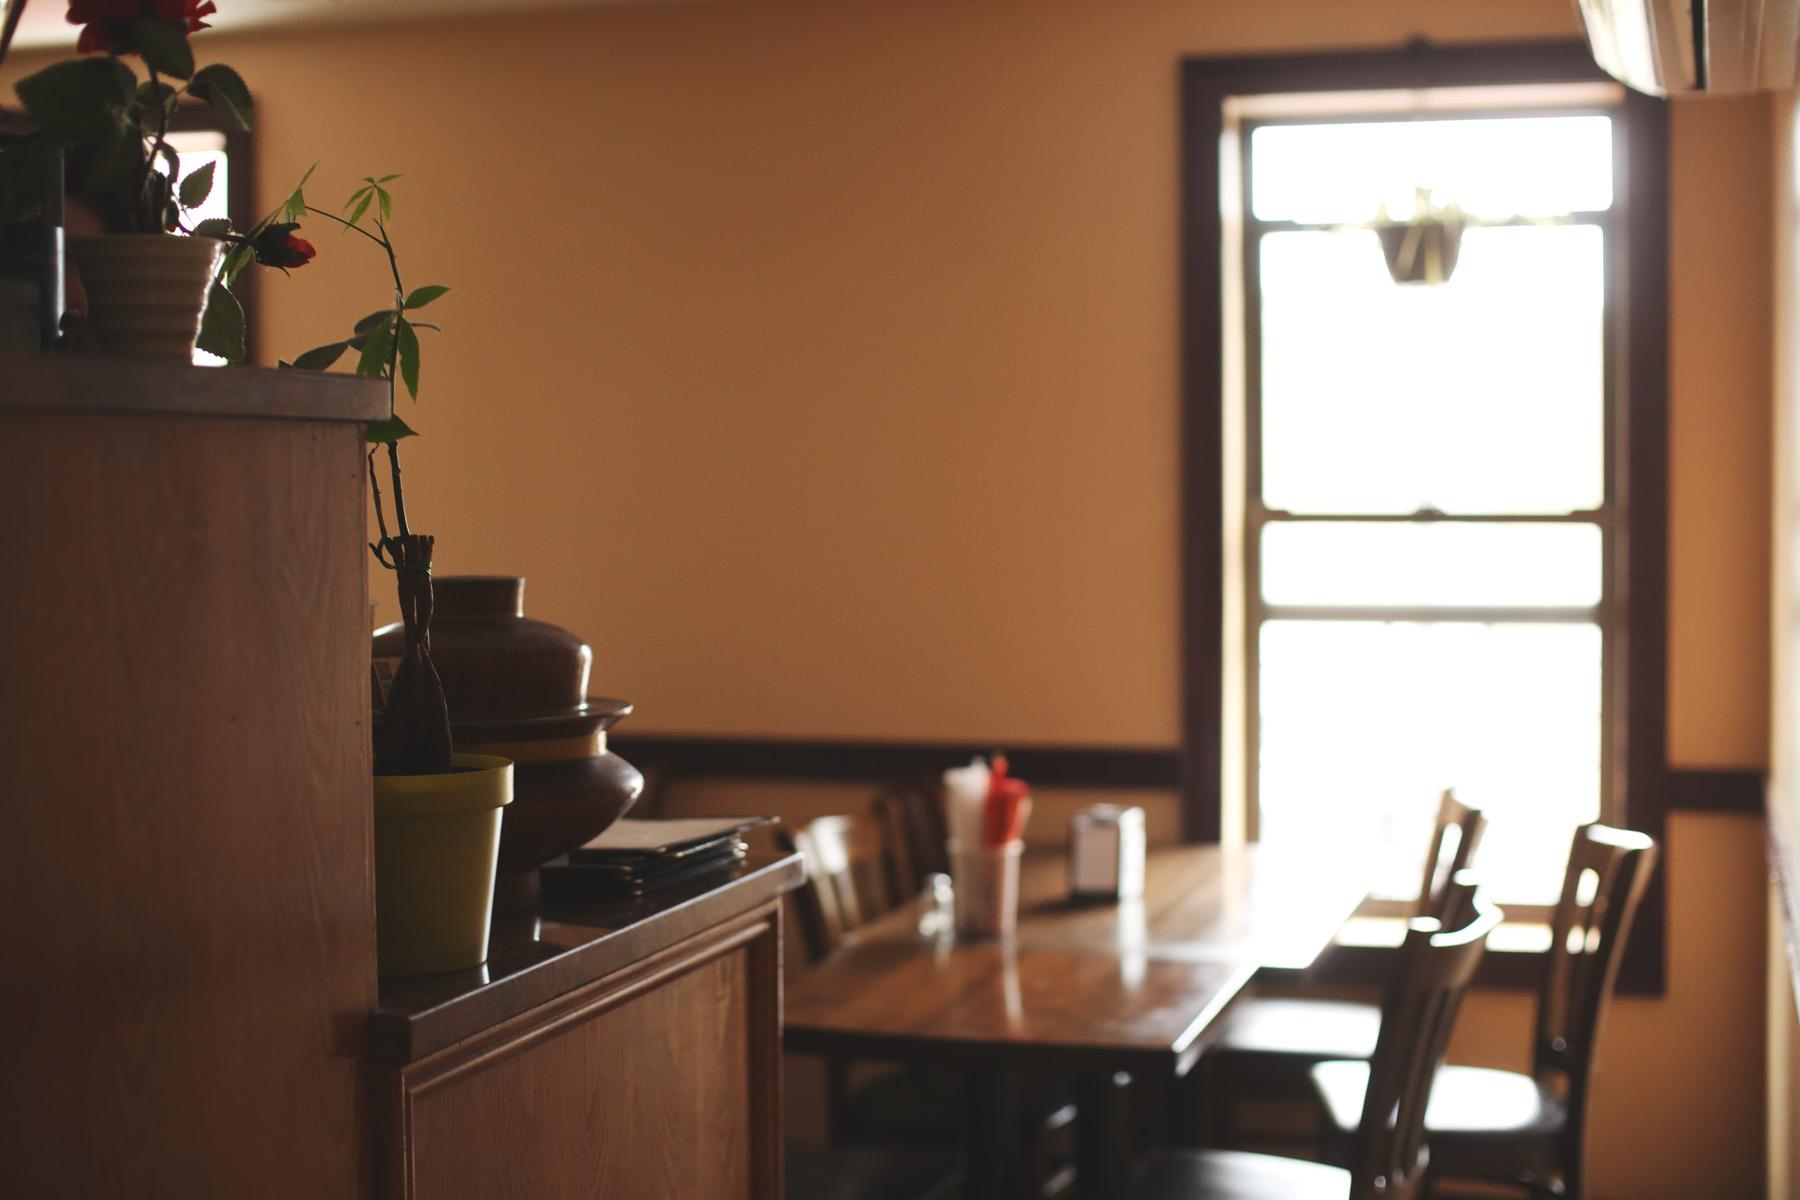 & Away We Went | Phayul Restaurant | Queens, NYC